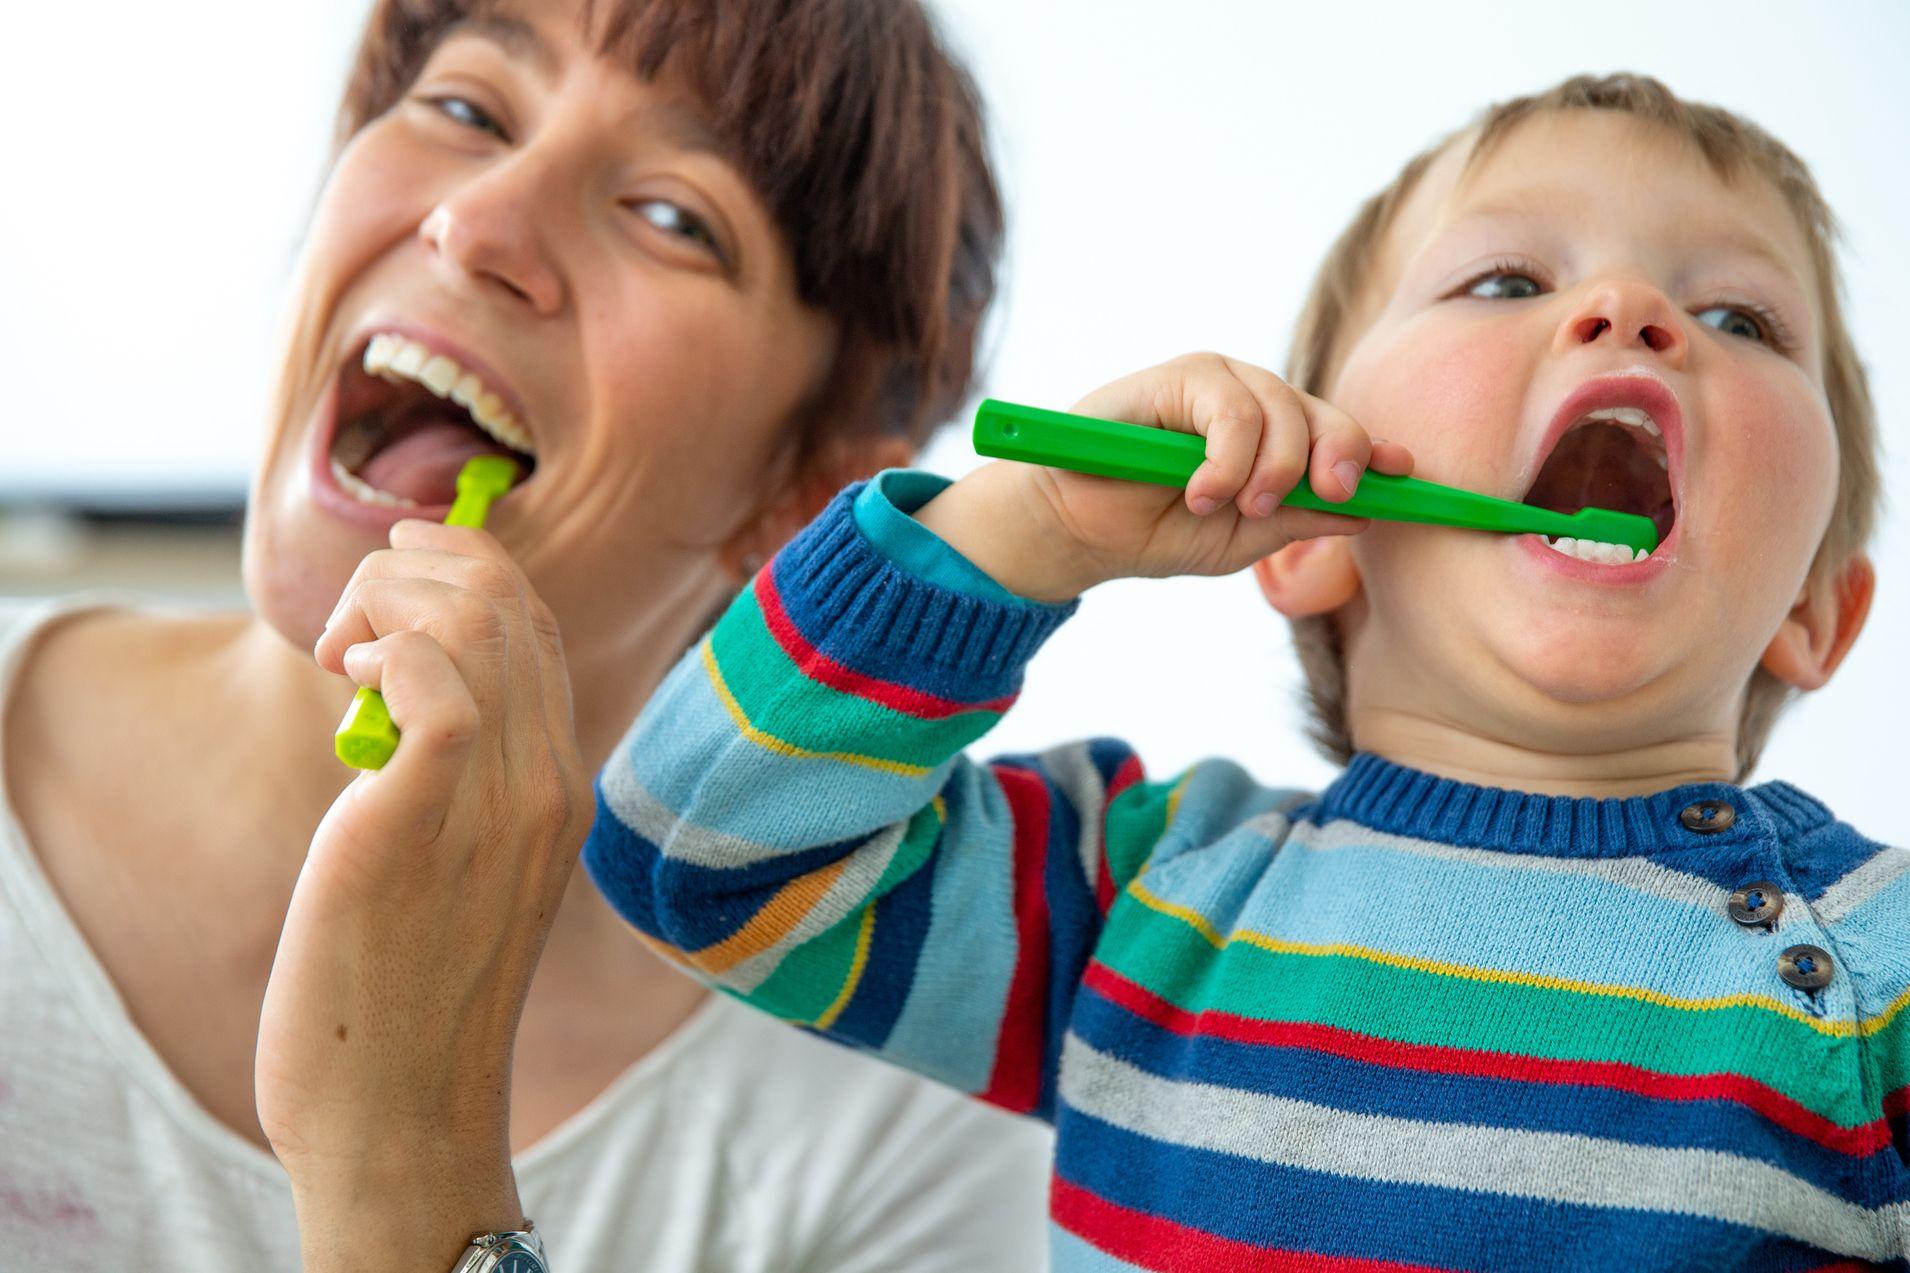 Mutter und Kind putzen sich die Zähne